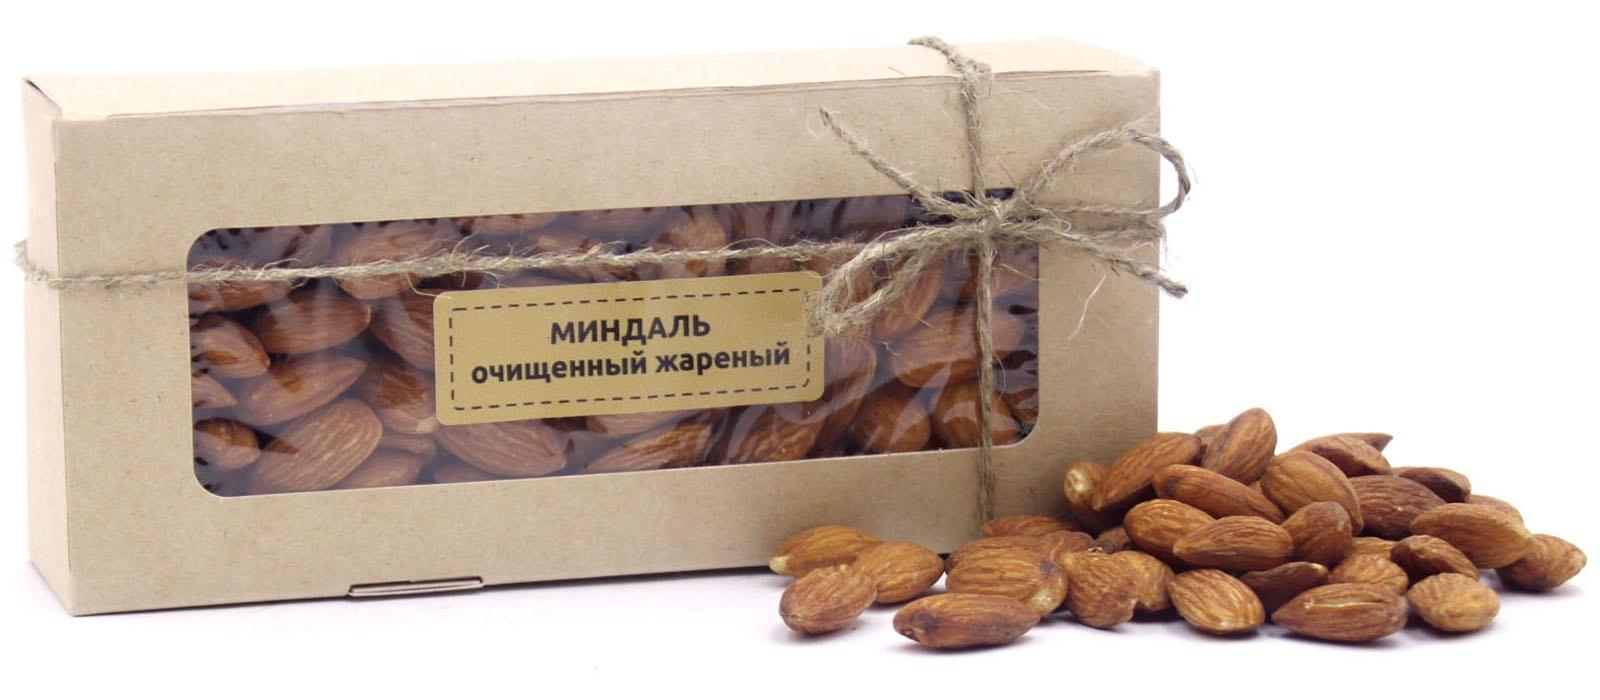 Орехи ВитаминФудс Миндаль жареный, Миндаль orthomol osteo витамины и минералы для укрепления костей 30 порций